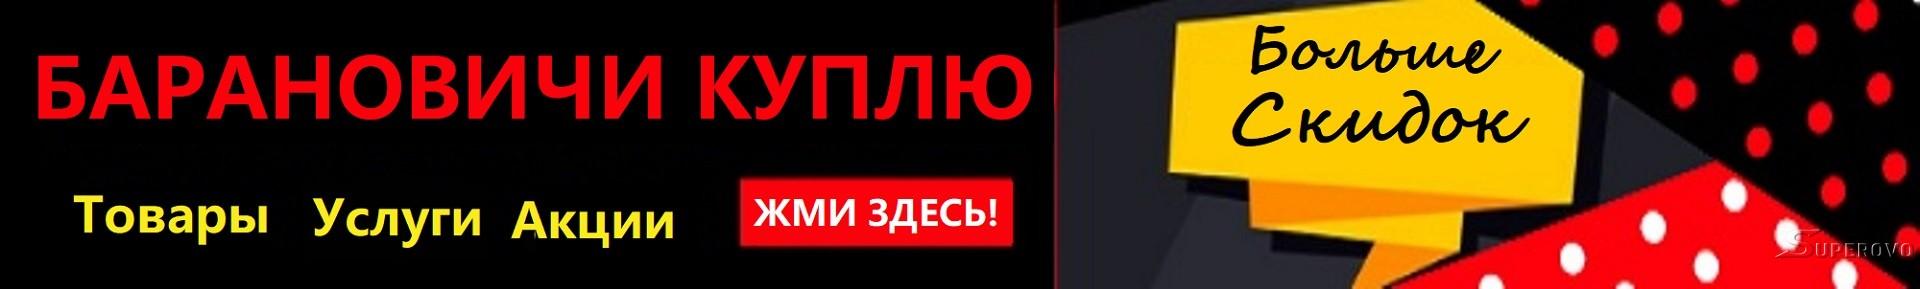 Акции Скидки Барановичи